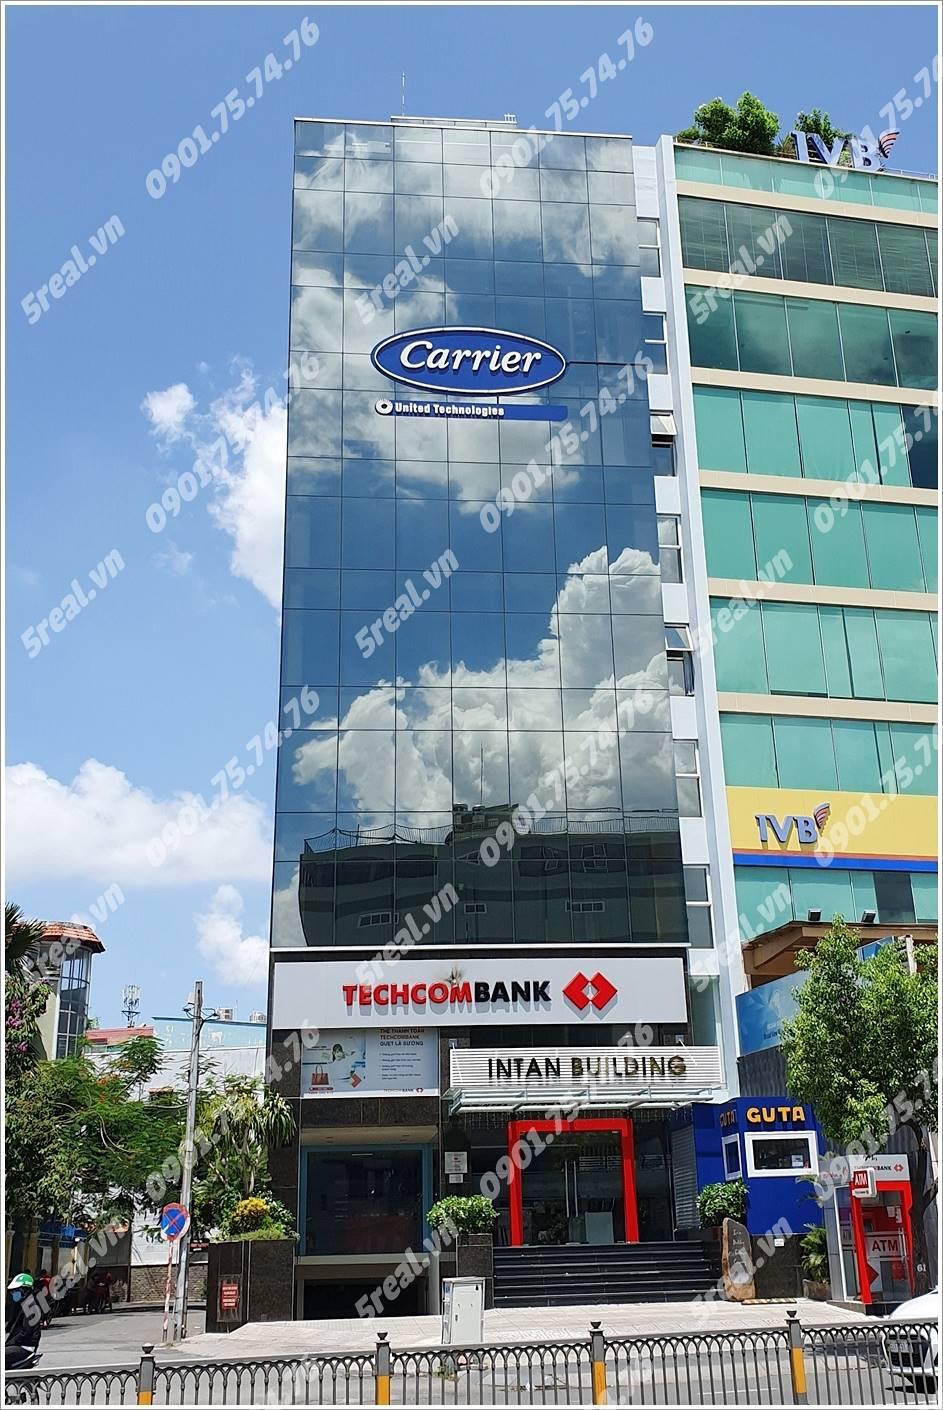 intan-building-nguyen-van-troi-quan-phu-nhuan-van-phong-cho-thue-tphcm-5real.vn-01